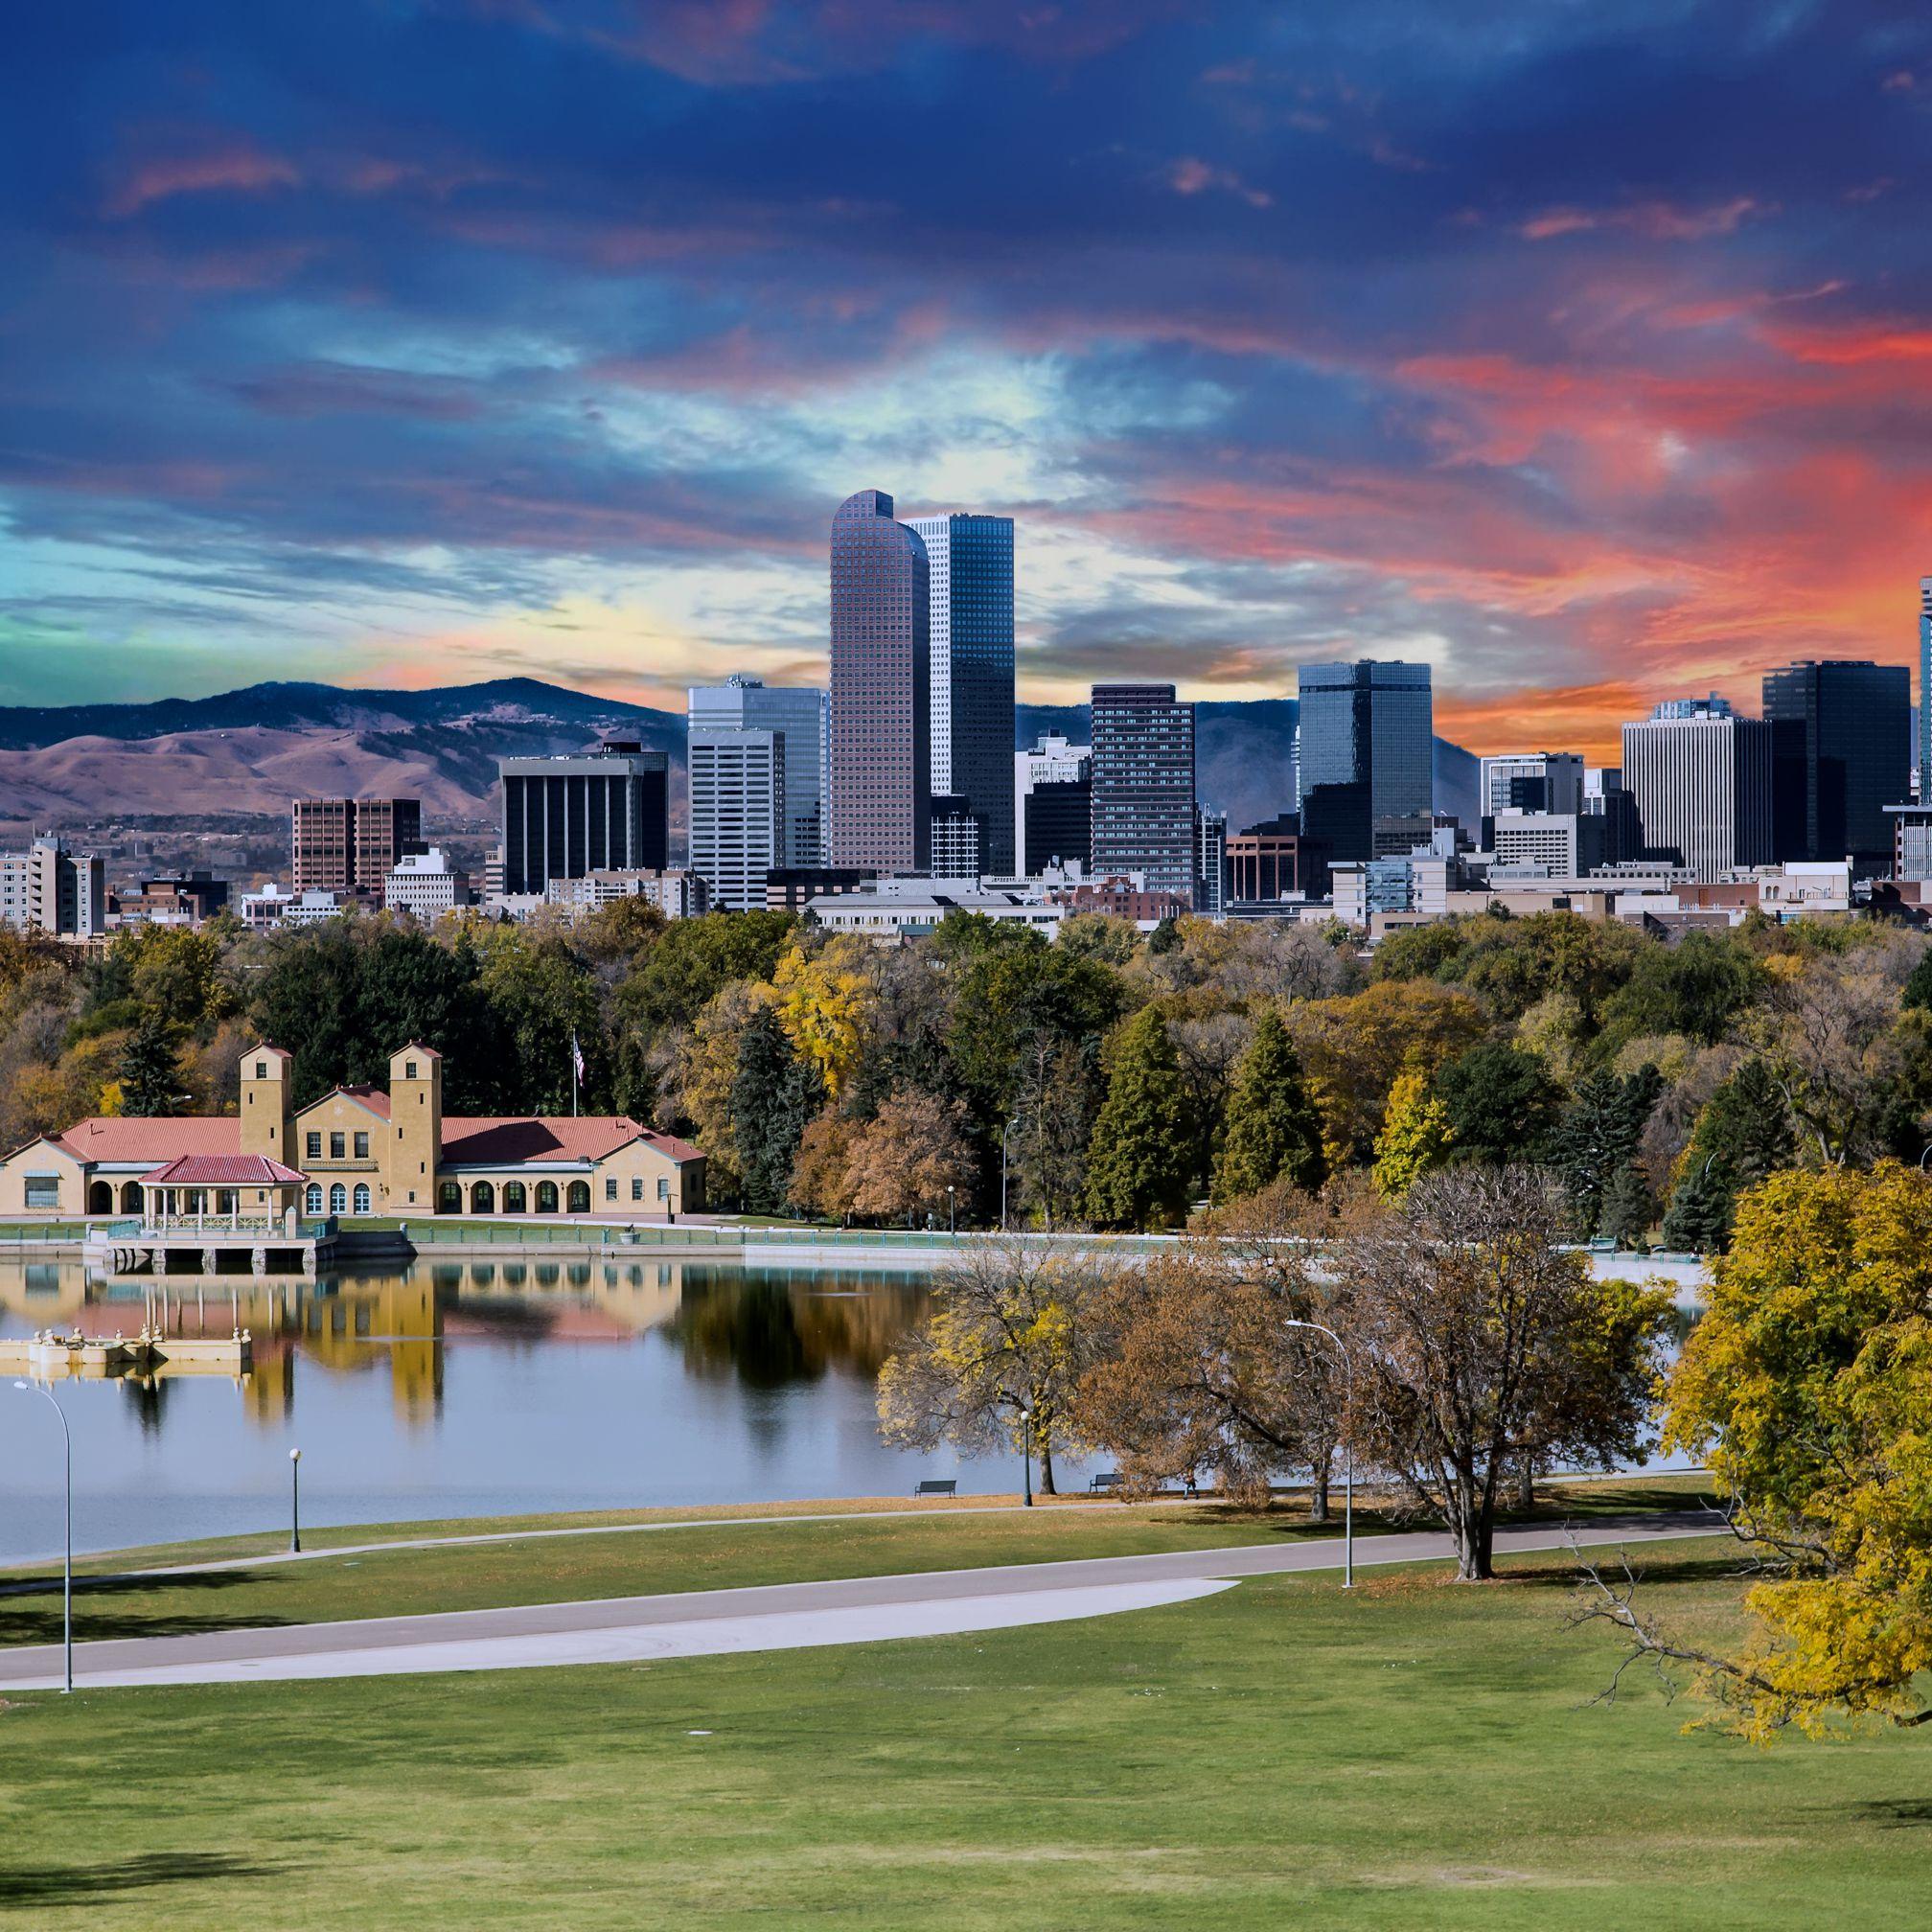 One Week in Colorado